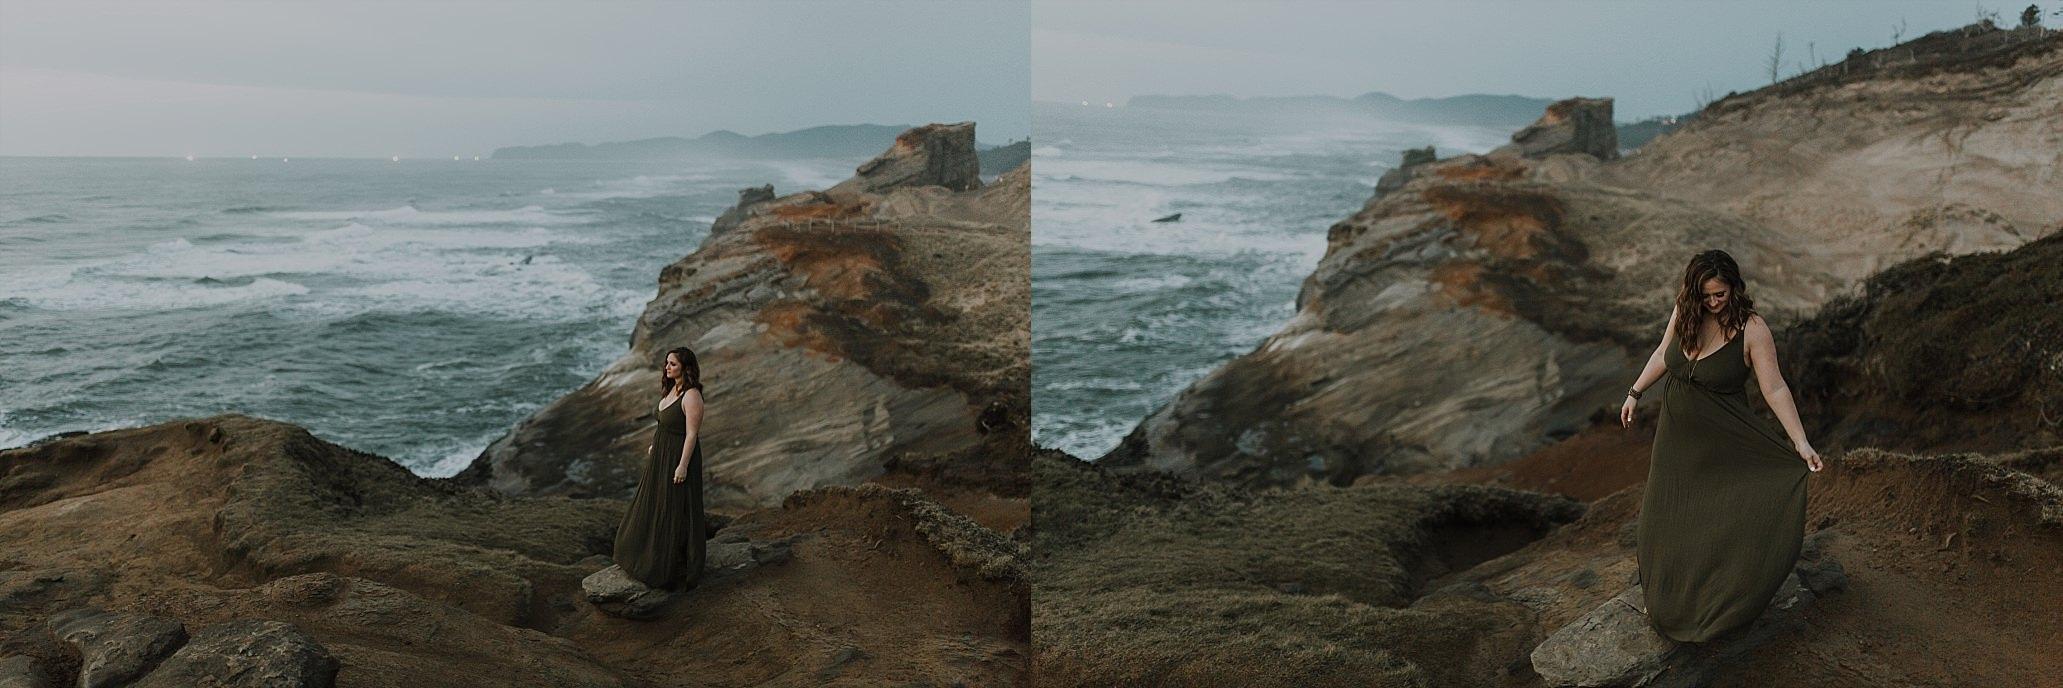 Oregon Coast Engagement Photographer (14).jpg